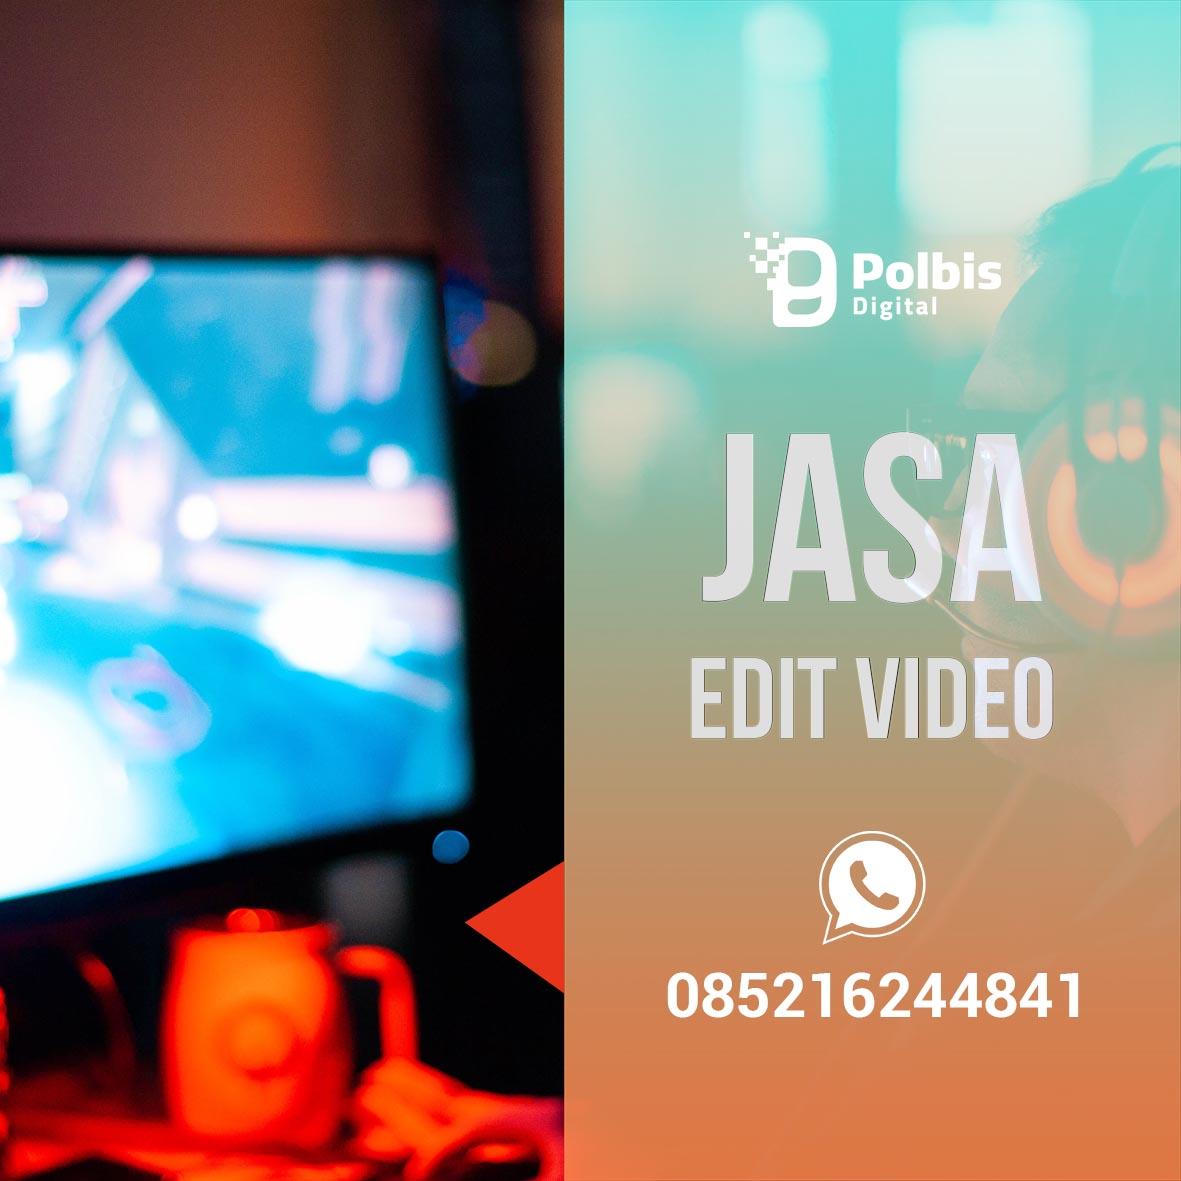 JASA EDIT VIDEO MURAH DAN BERKUALITAS DI PALANGKARAYA